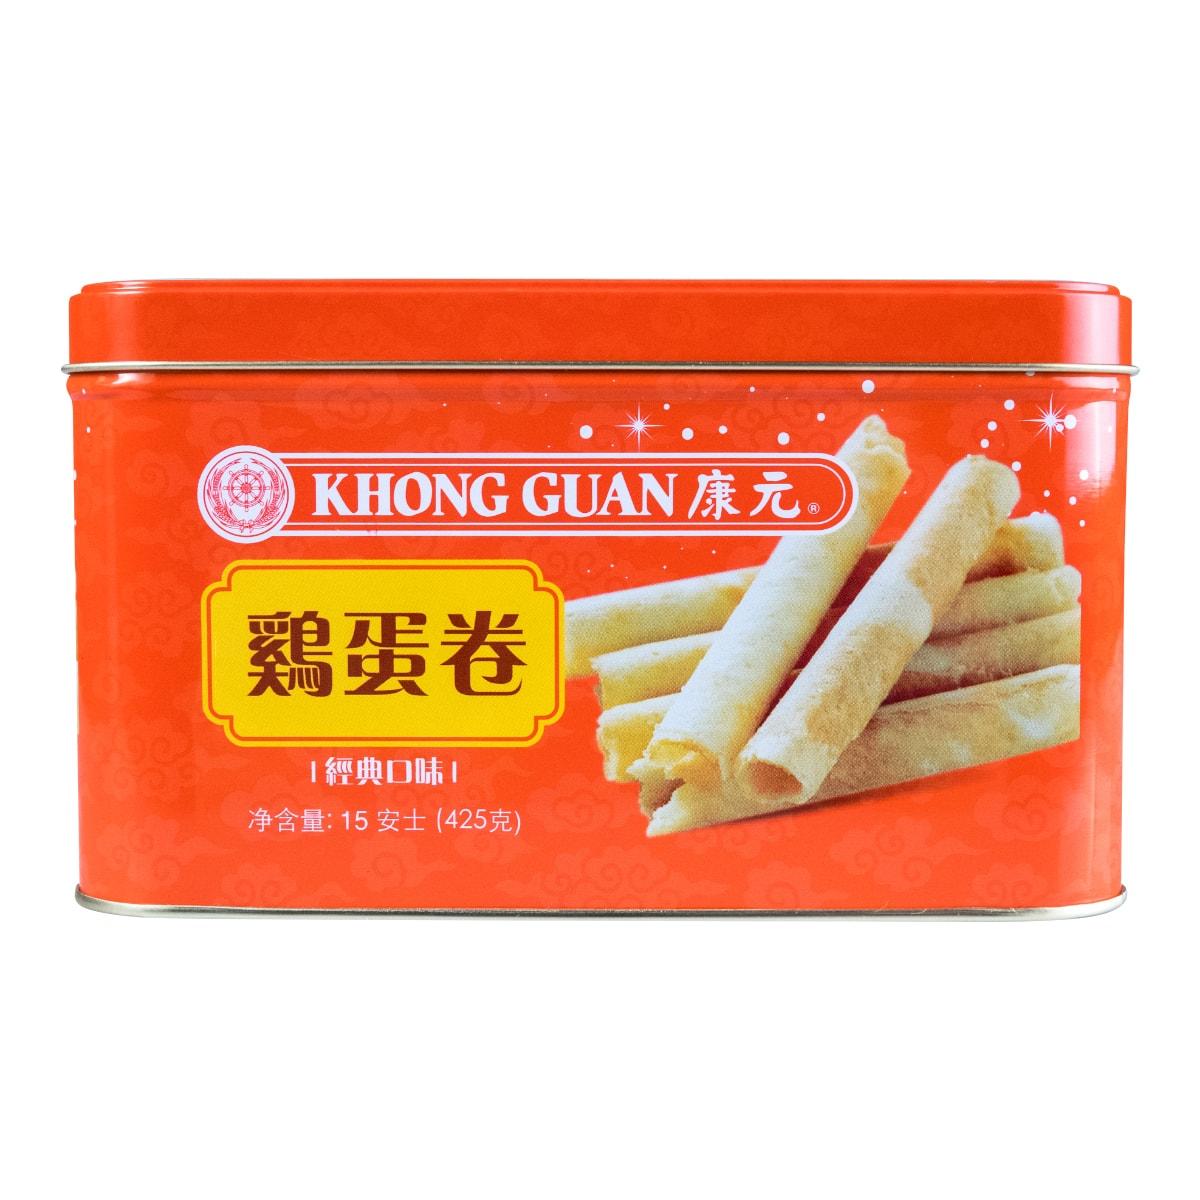 新加坡KHONG GUAN康元 鸡蛋卷 经典口味 铁盒装 425g